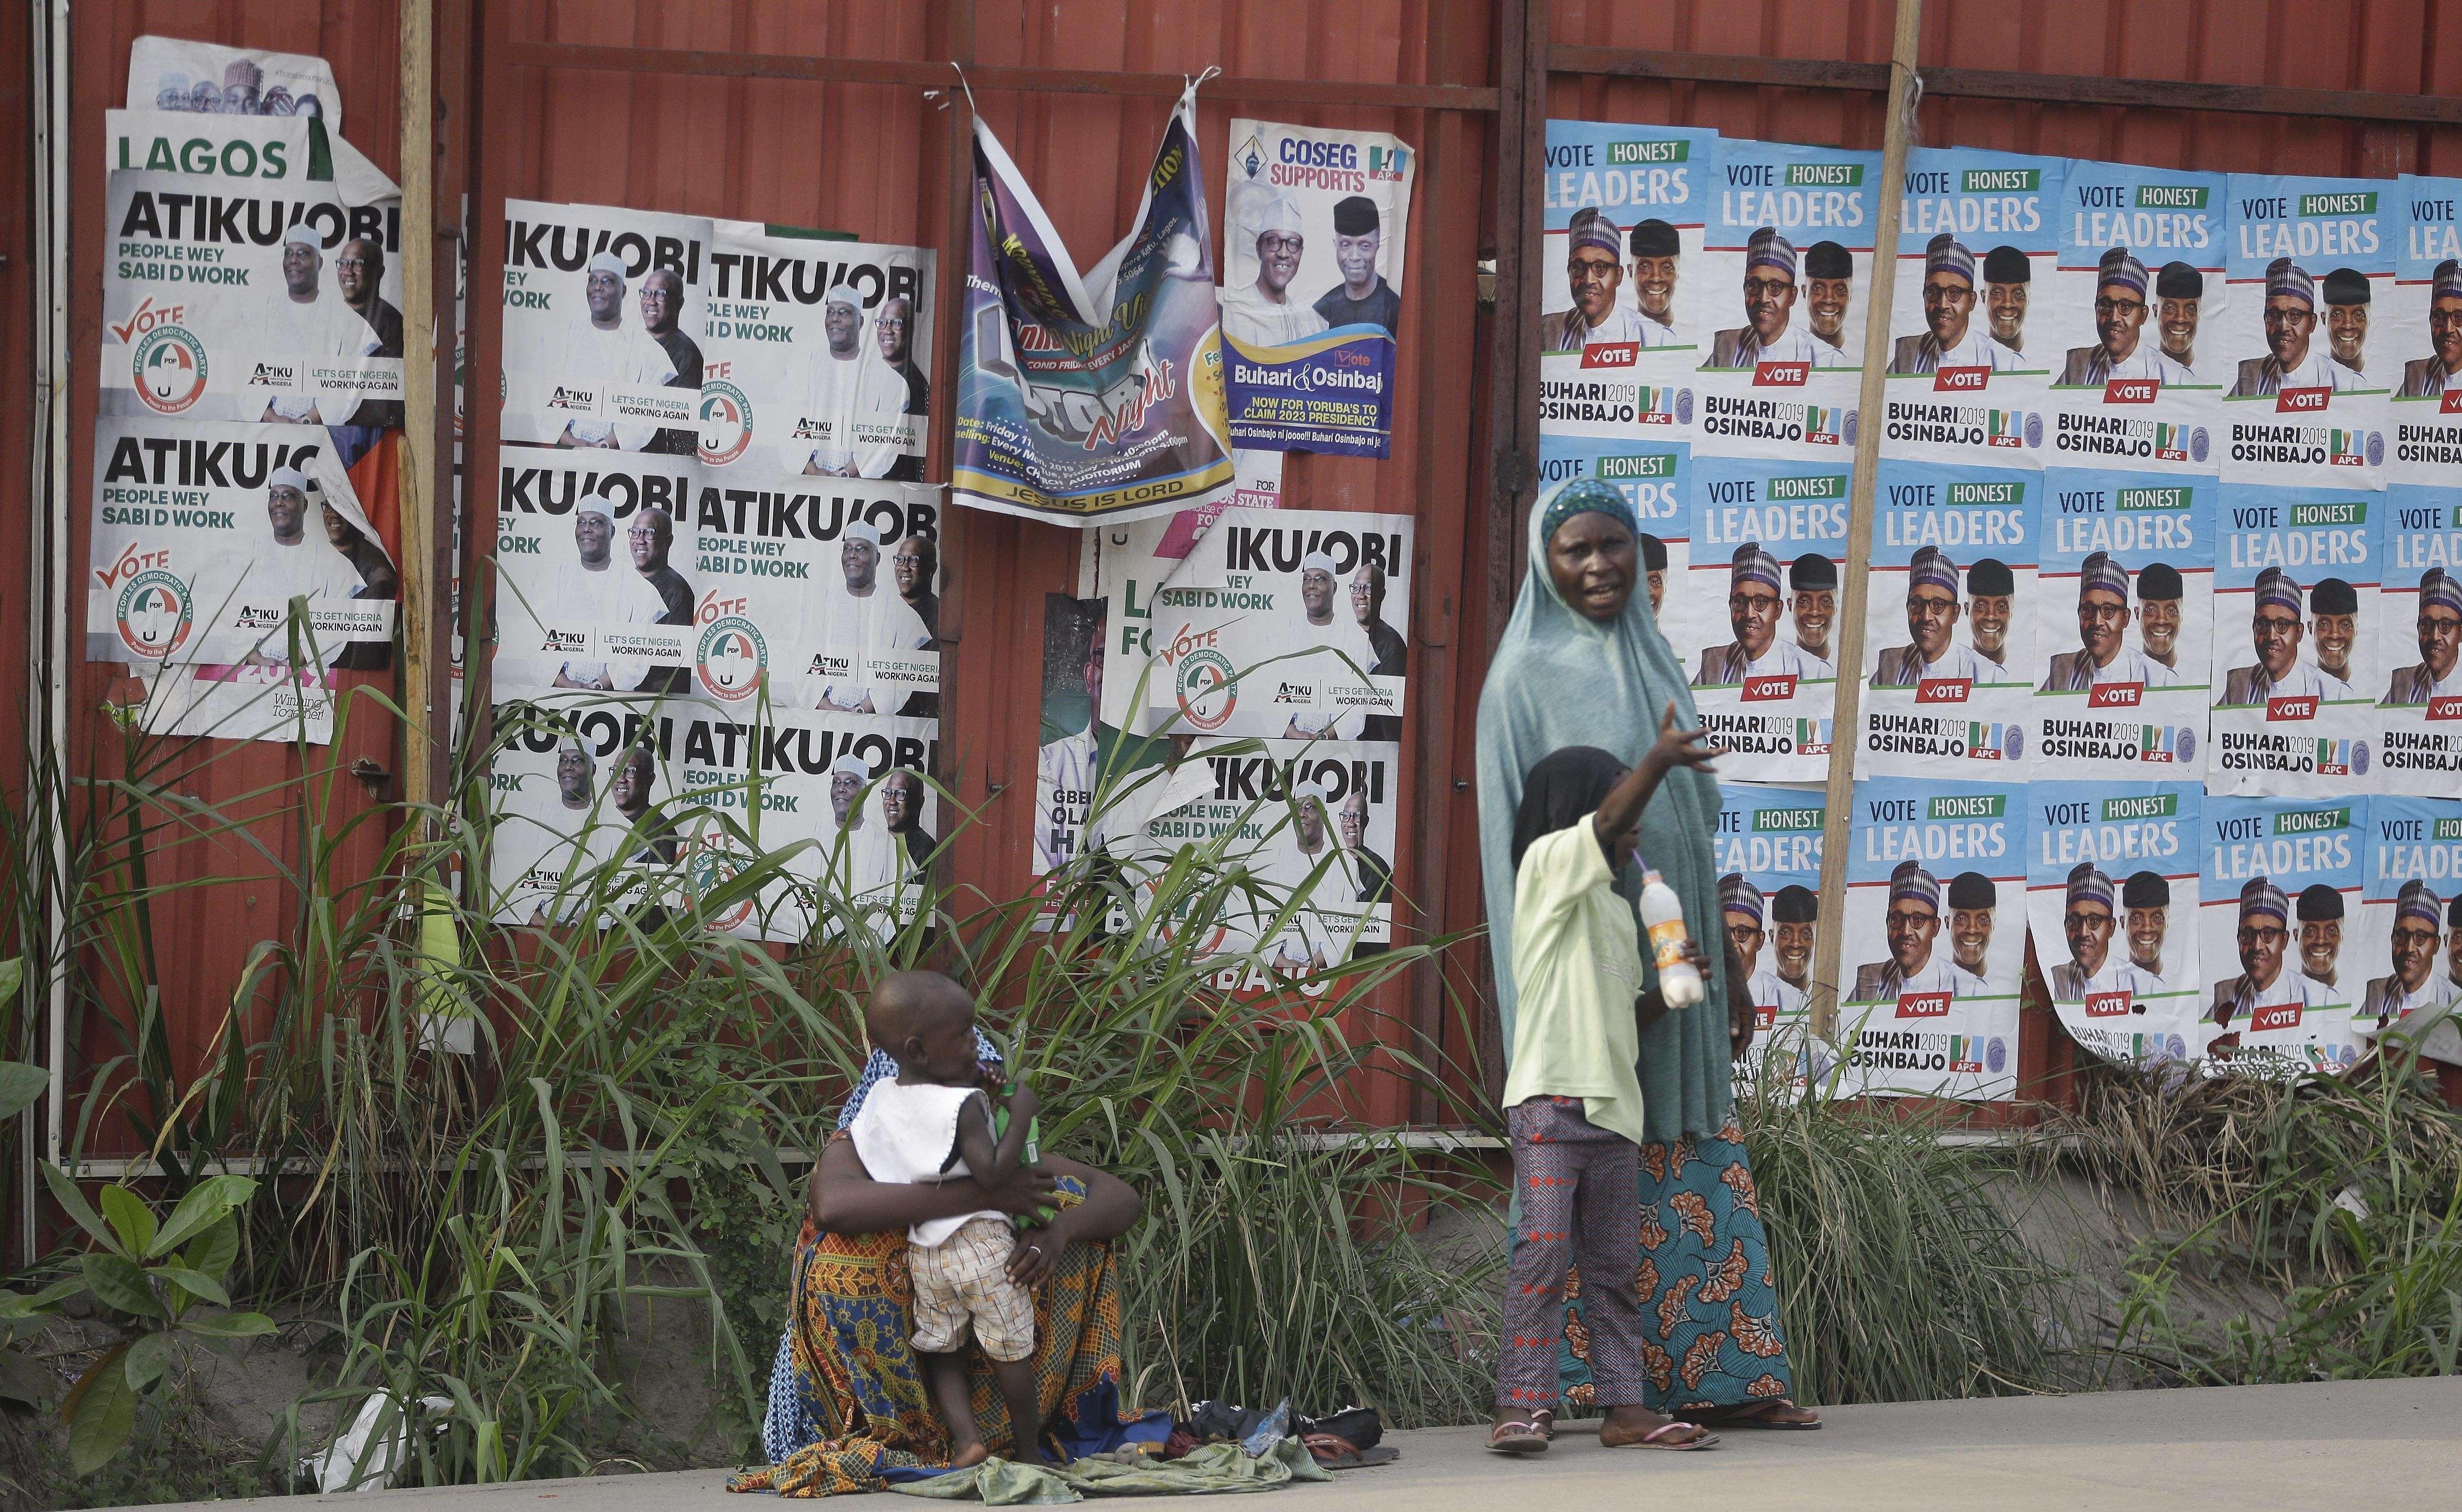 Les affiches de la campagne du président nigérian Muhammadu Buhari, et d'Atiku Abubakar, dans une rue de Lagos, au Nigeria.